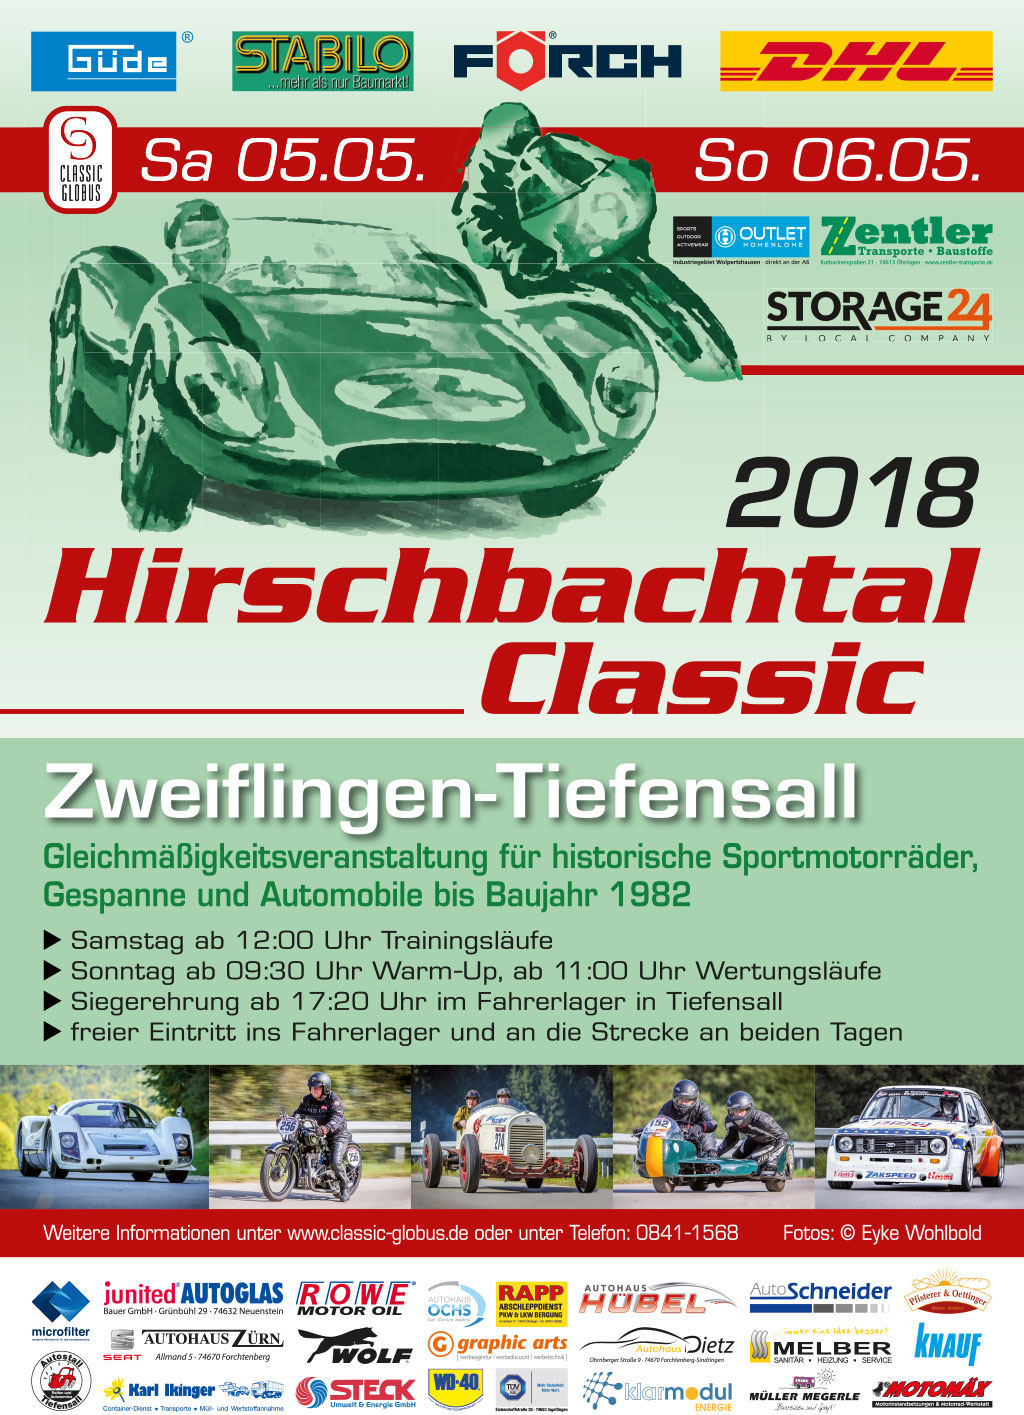 Plakat Hirschbachtal Classic 2018